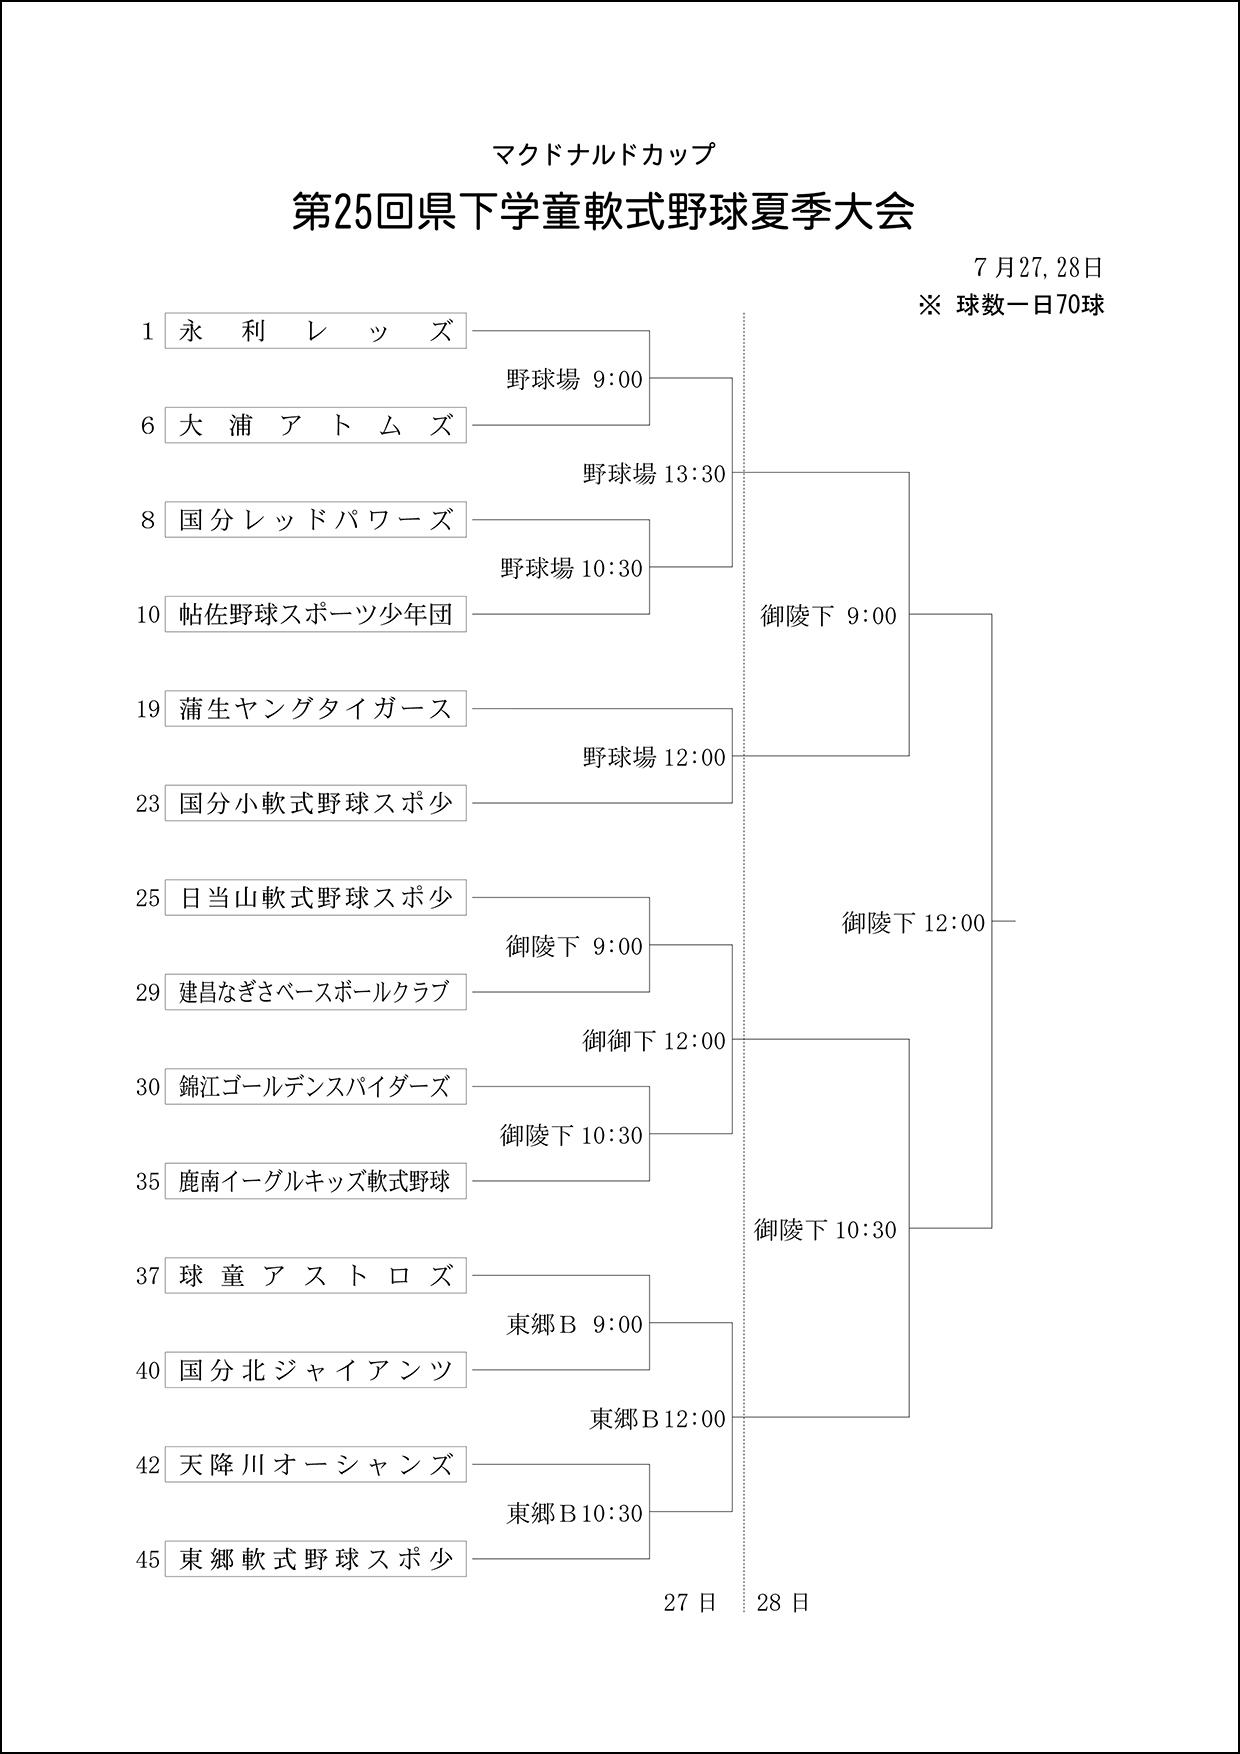 【27日以降】第25回県下学童軟式野球夏季大会